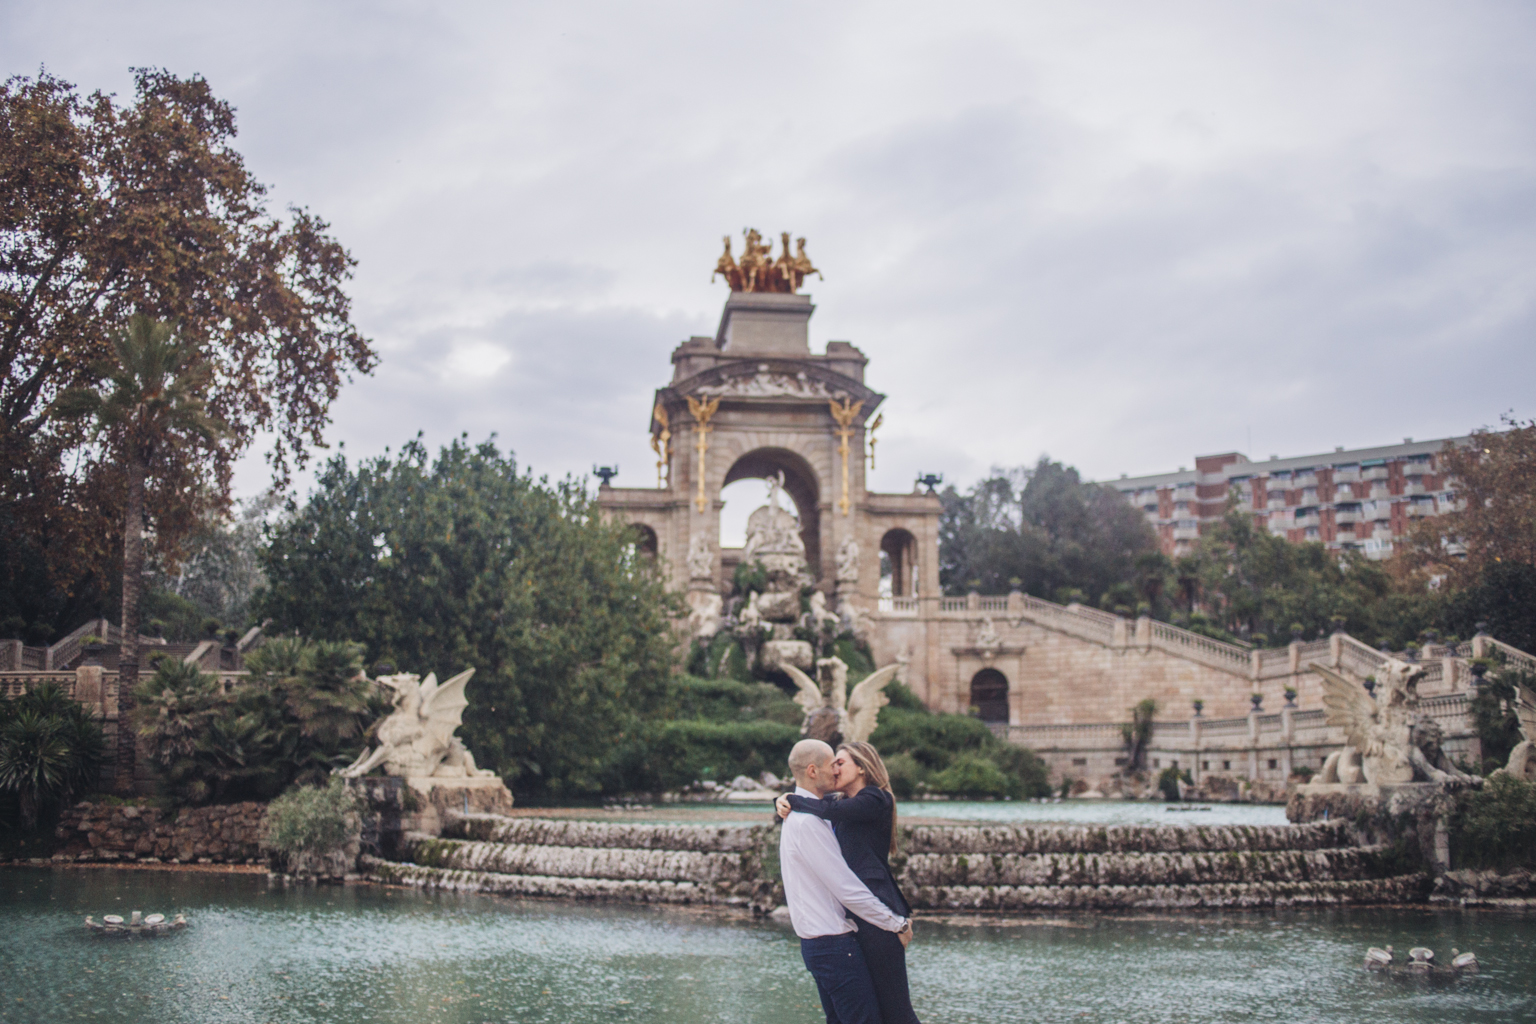 Fot grafo de parejas parc de la ciutadella la cristina fotografia - Fotografos de barcelona ...